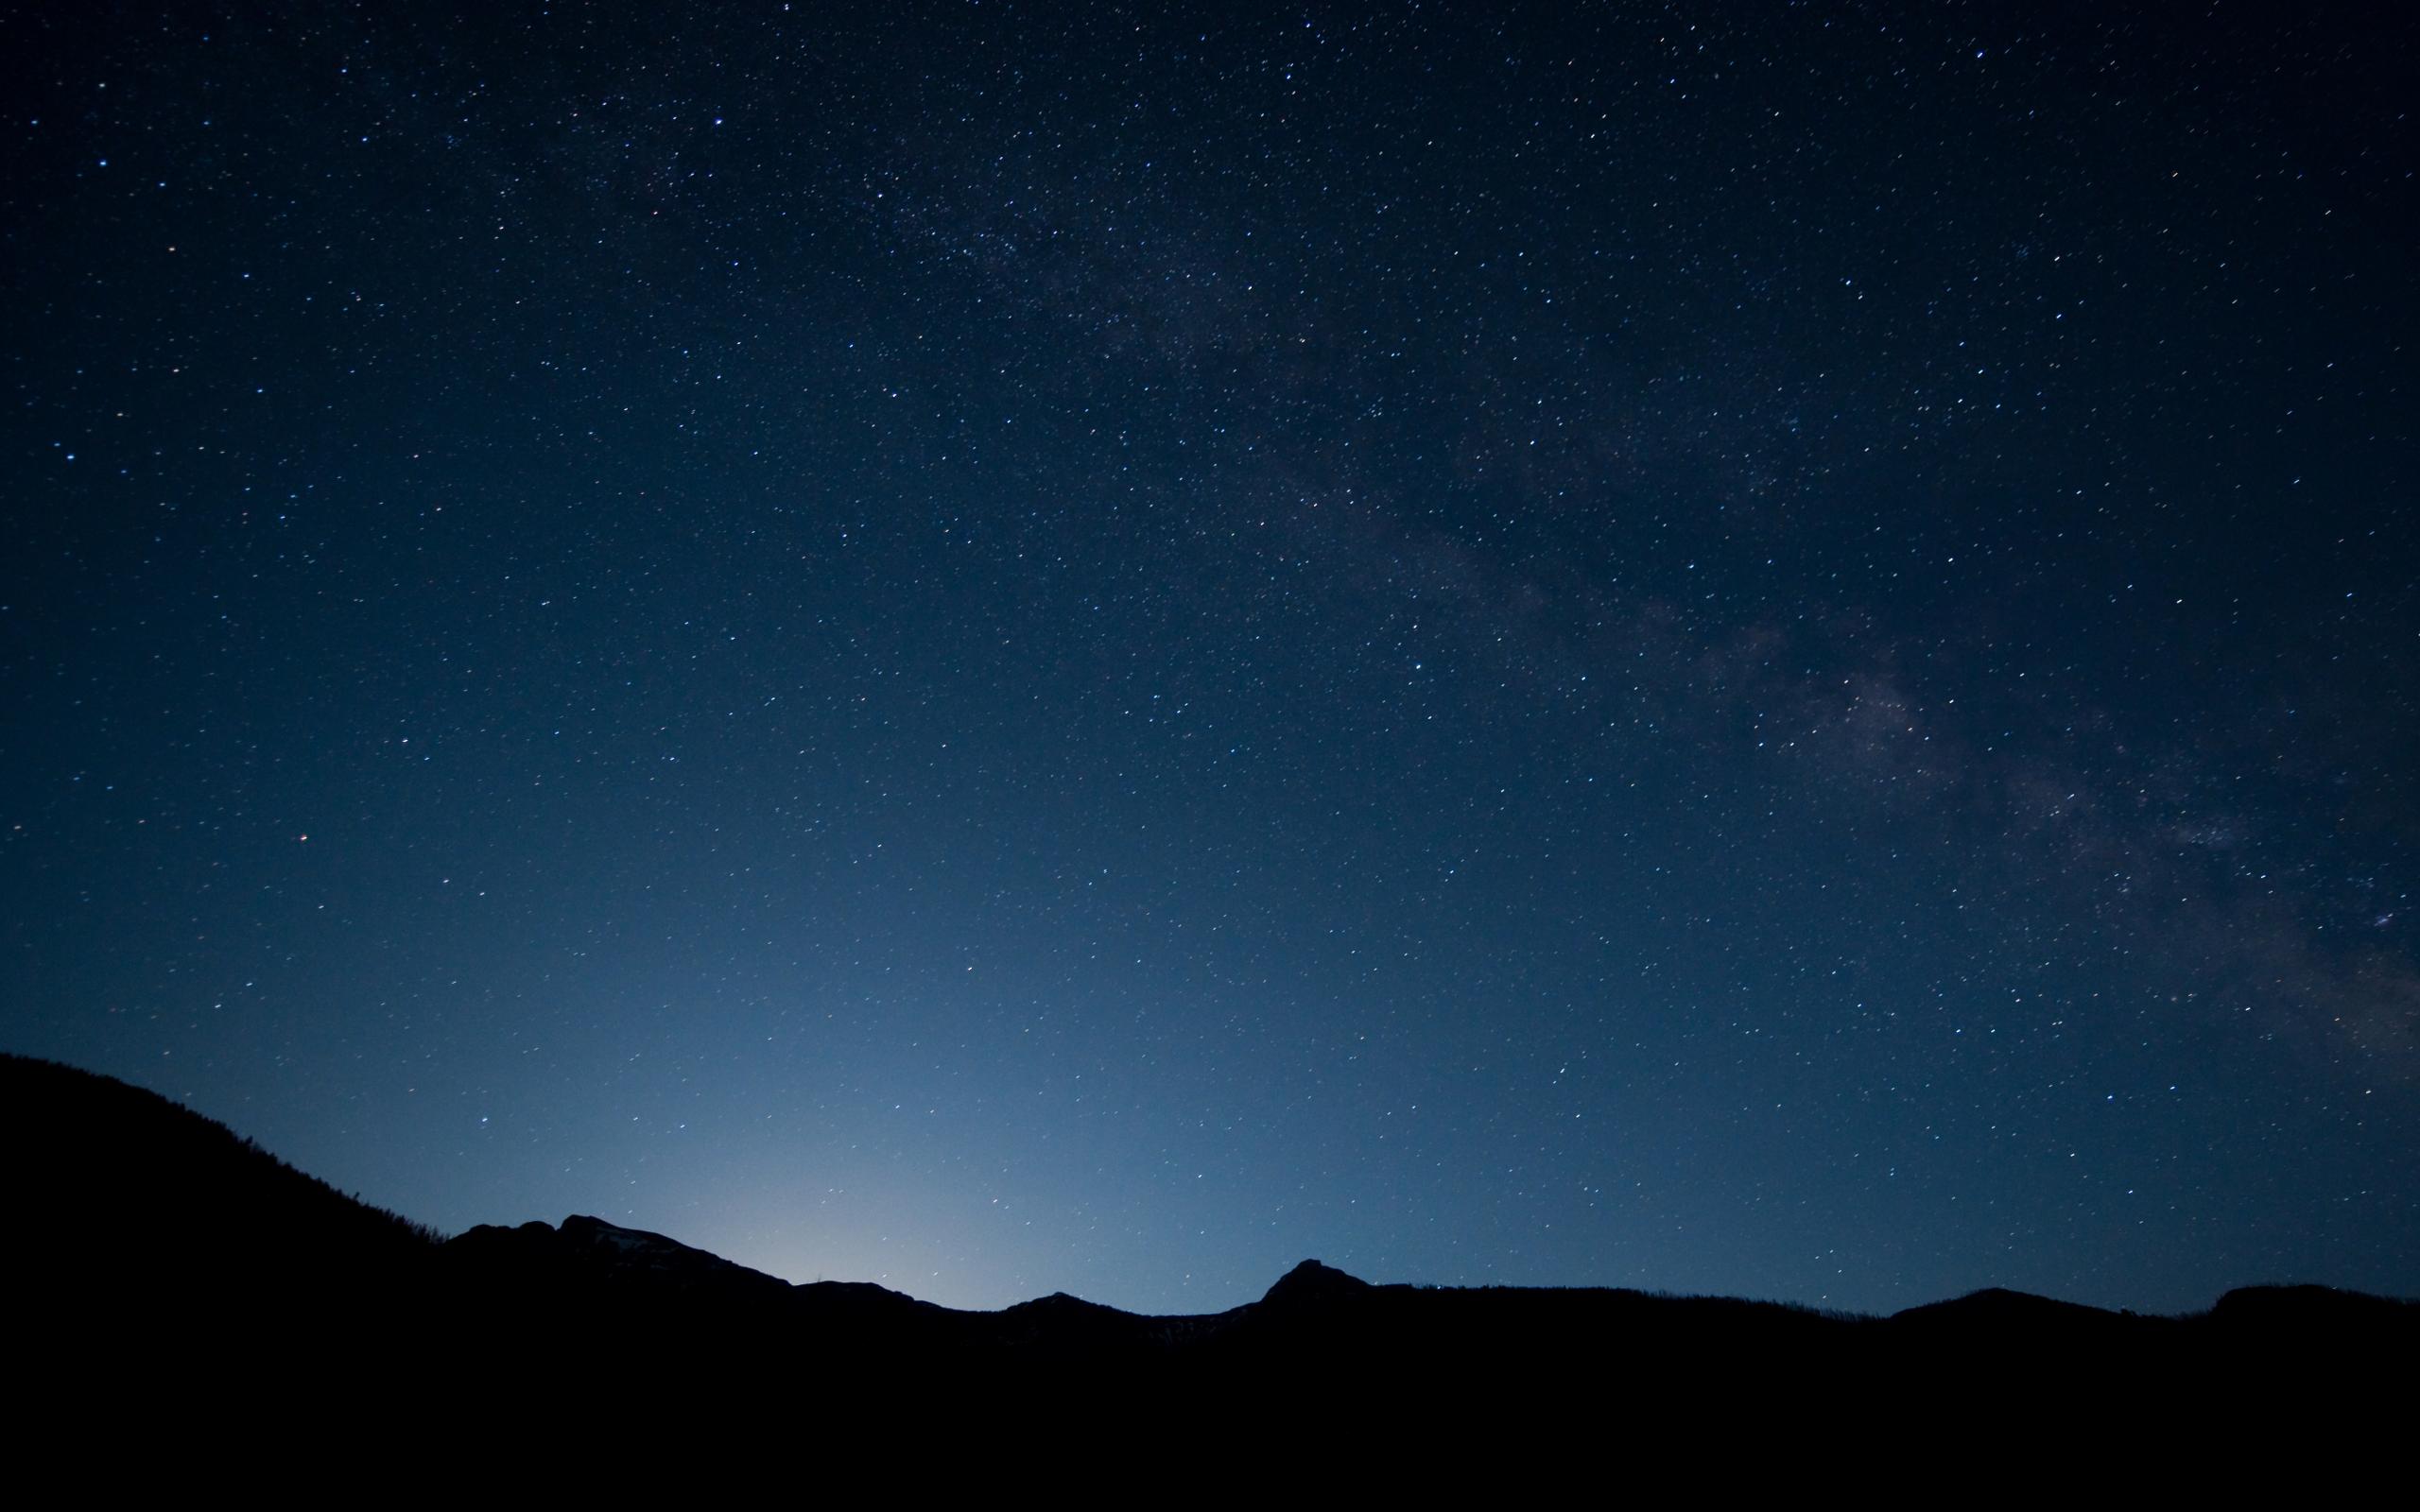 Night Sky clipart animated Page com night Beautiful cartoon